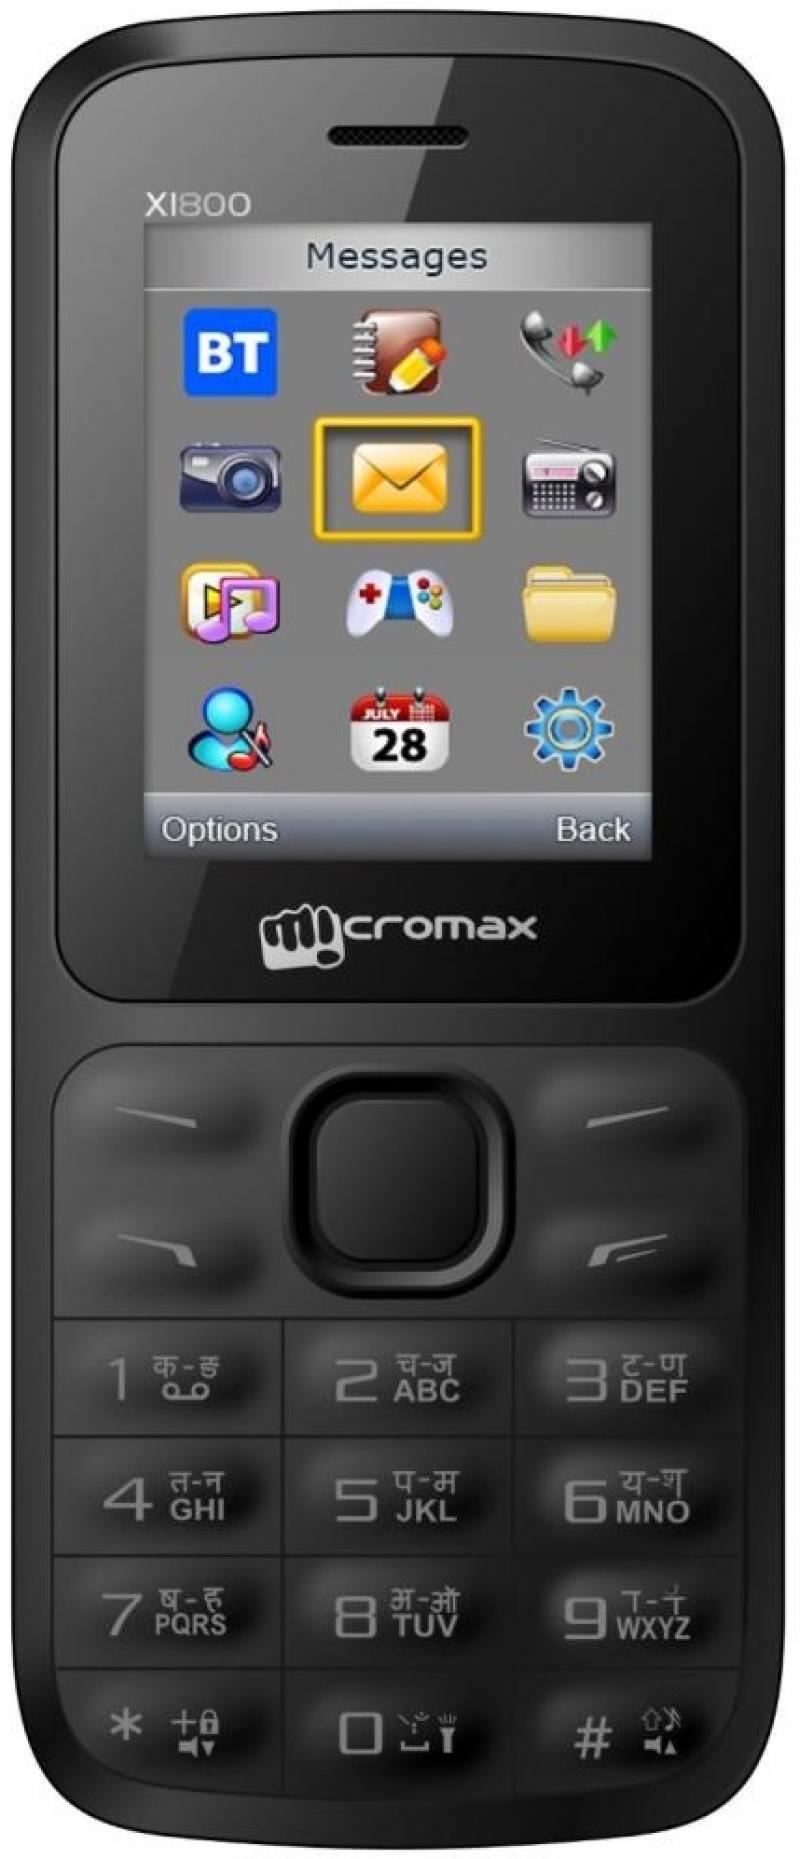 Мобильный телефон Micromax Joy X1800 черный 1.77